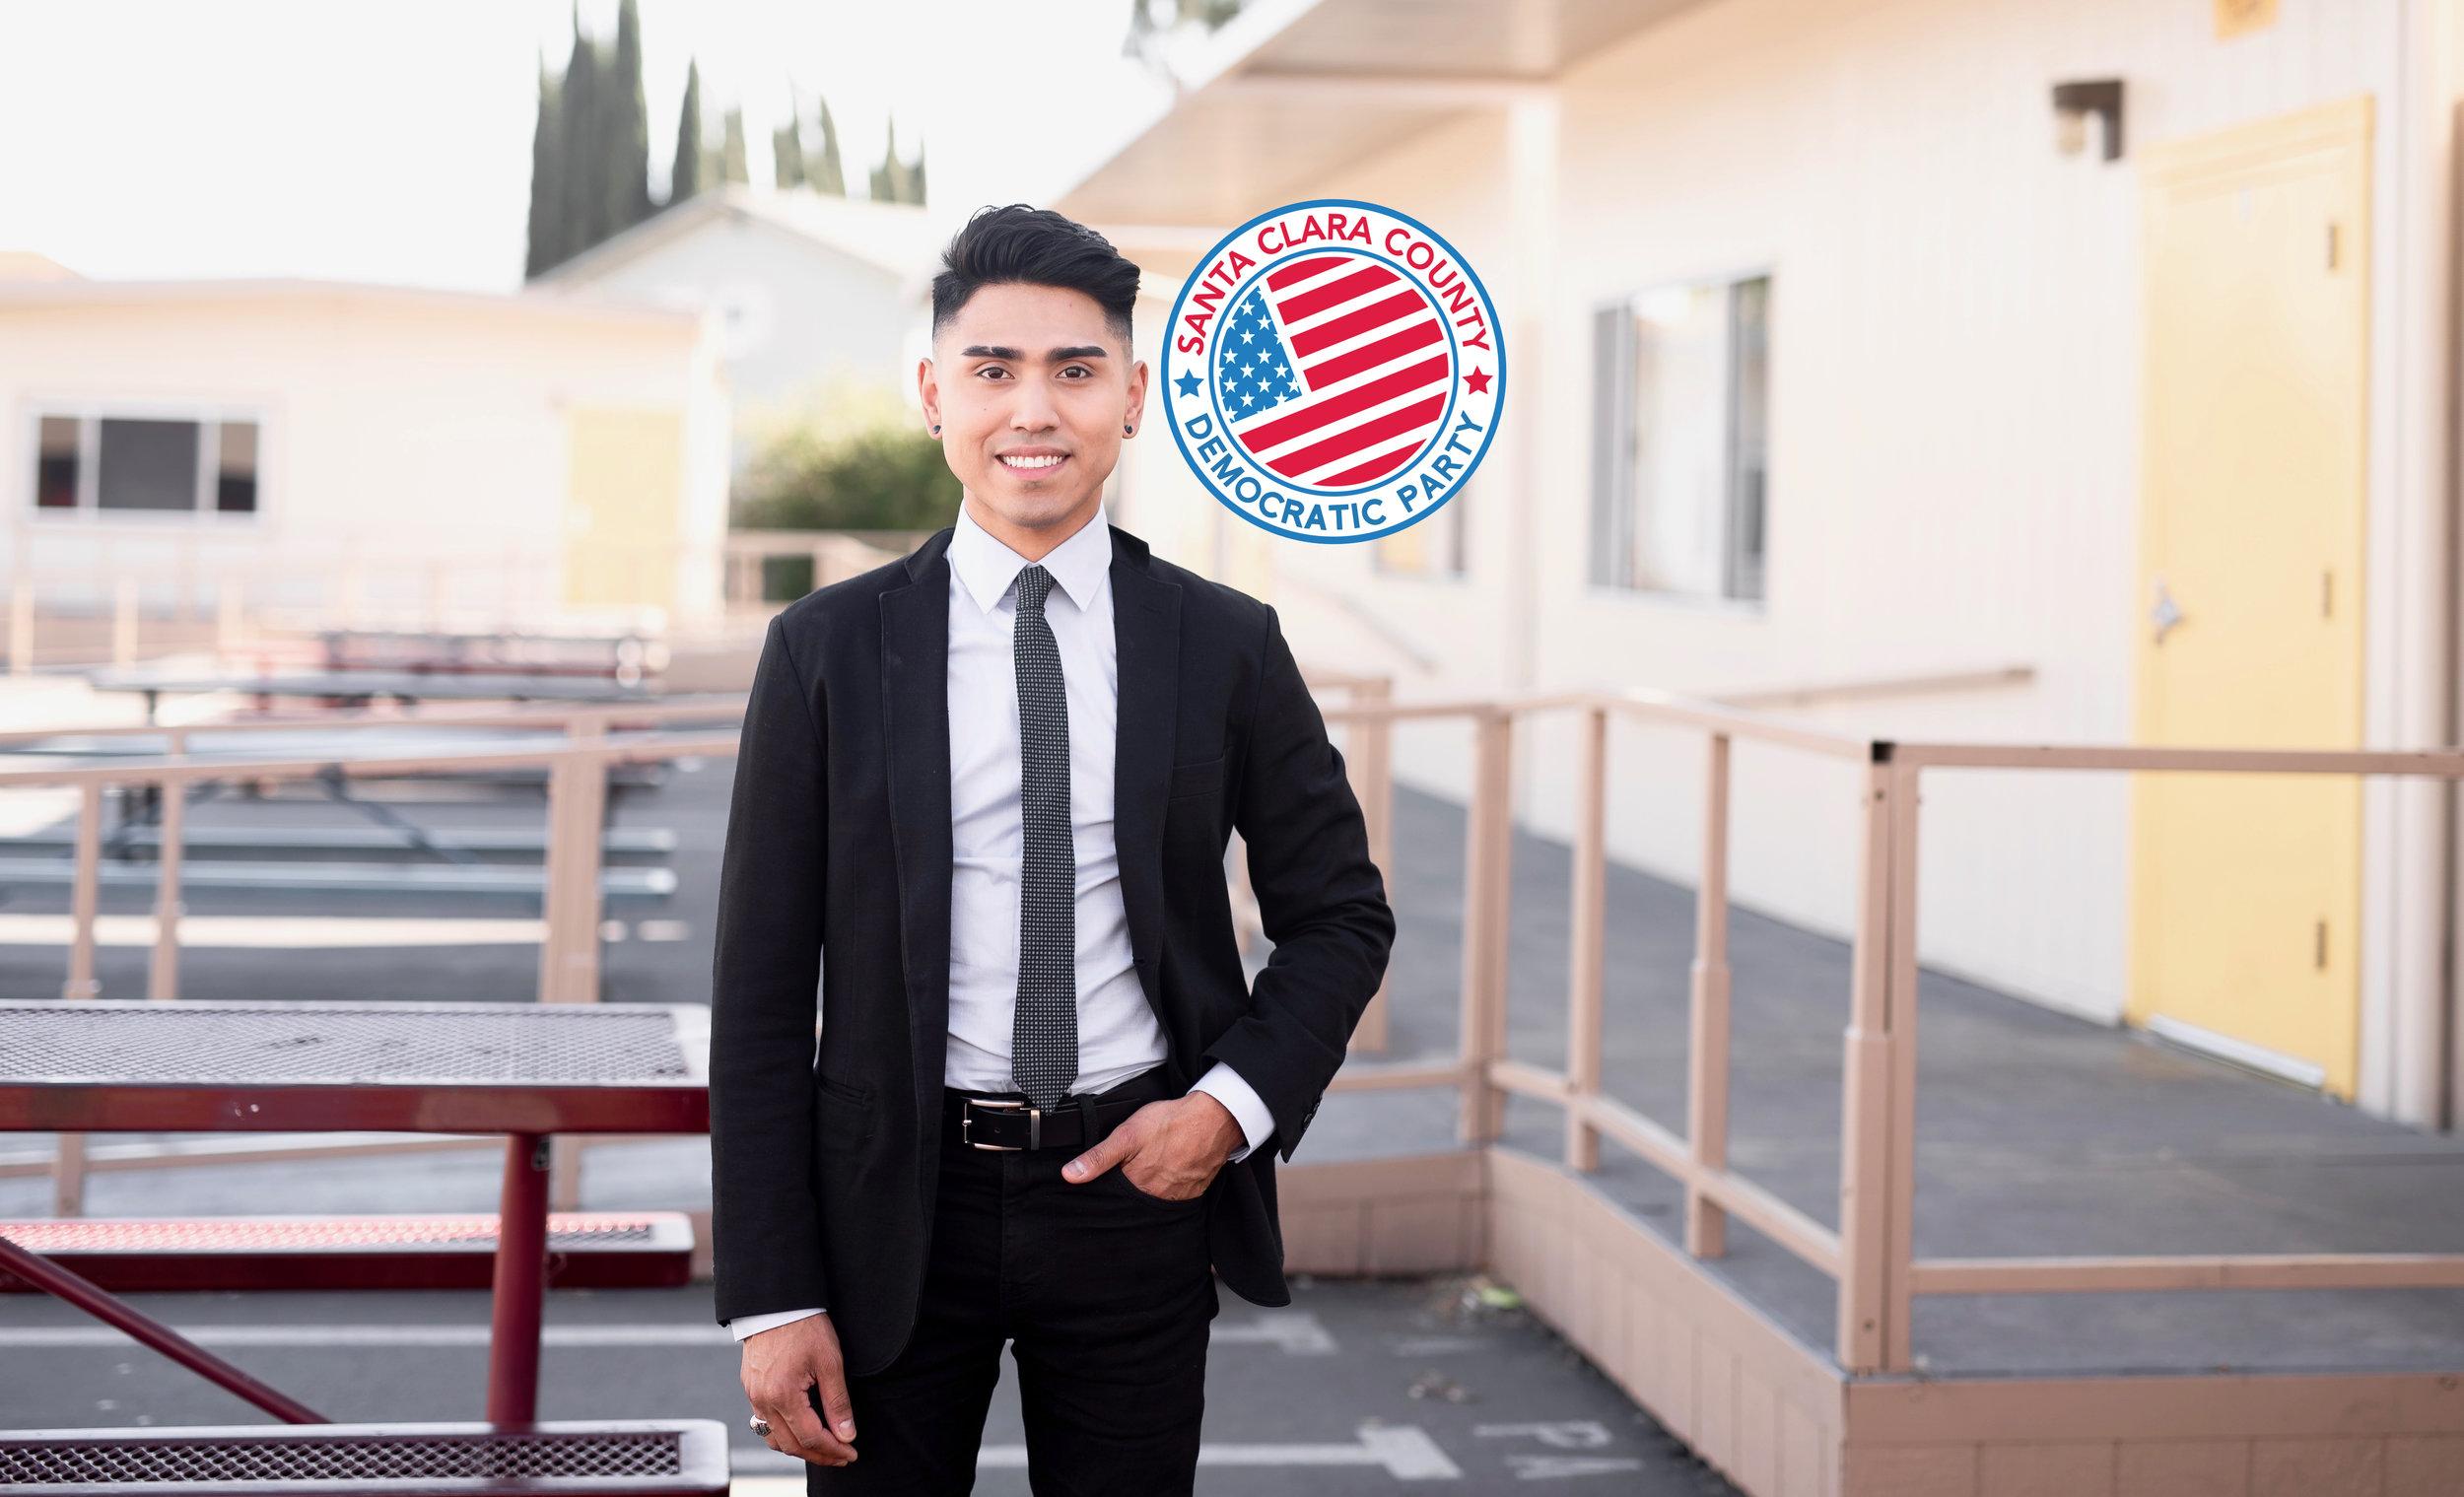 Jorge Pacheco Jr For Oak Grove School Board